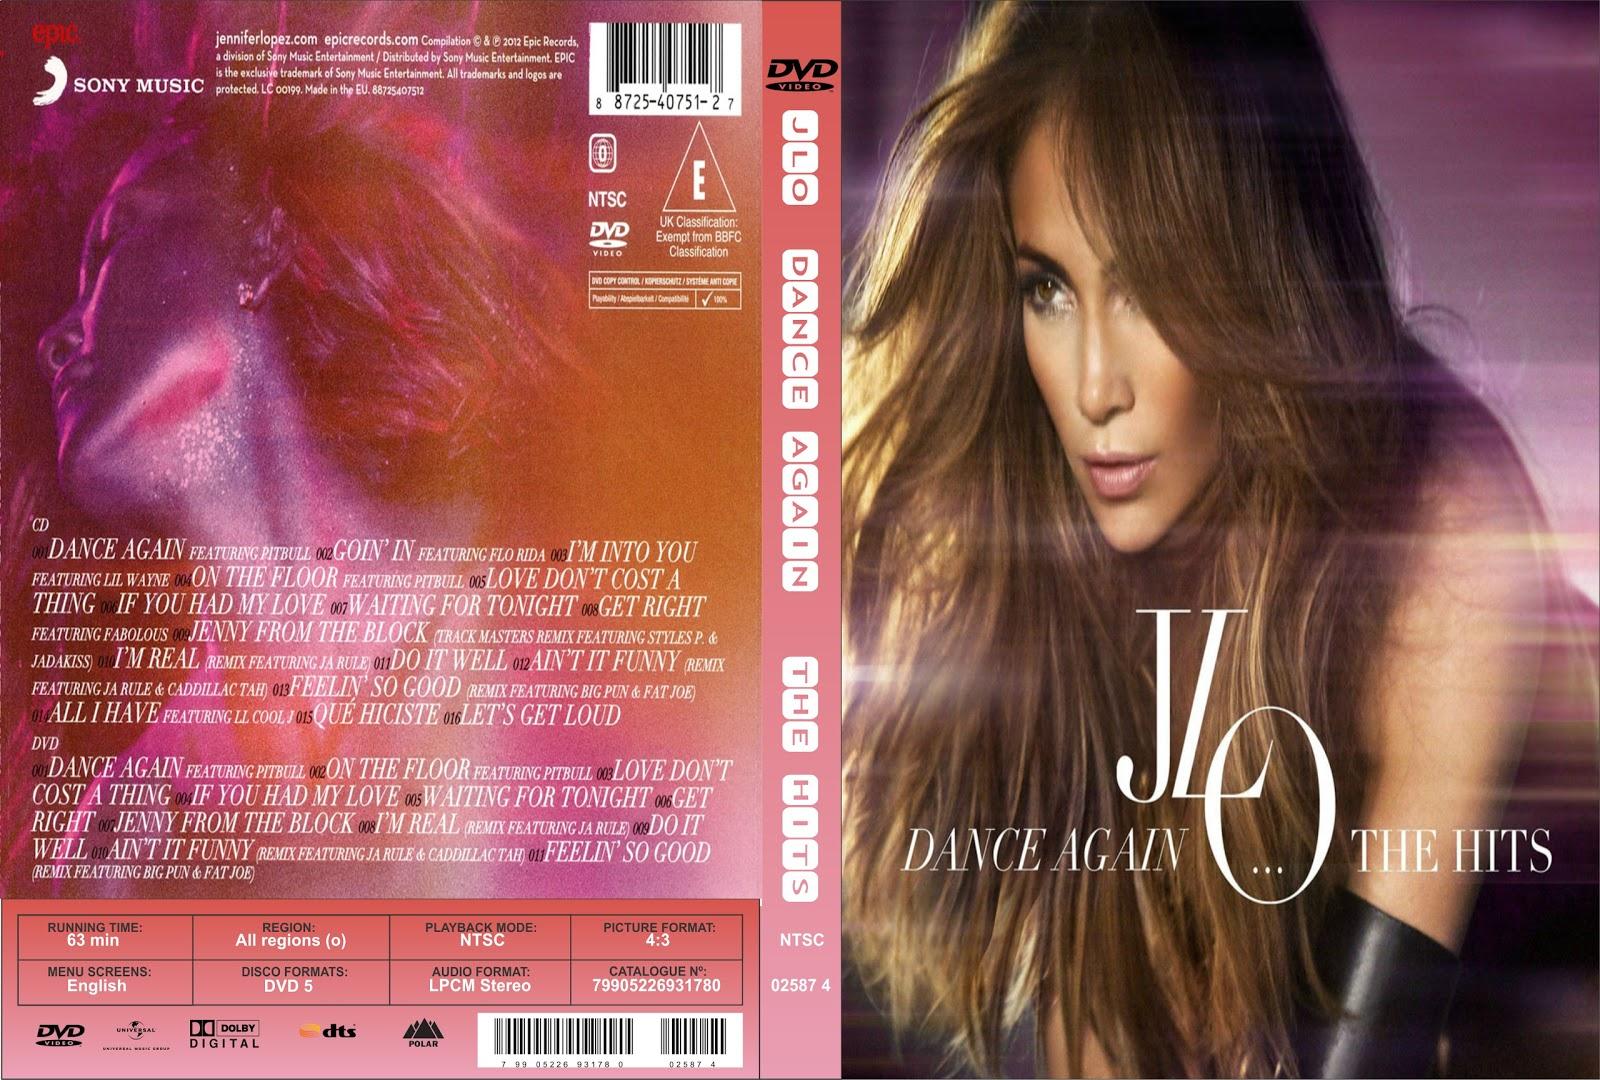 http://4.bp.blogspot.com/-inZbSI9r3tw/UEkONeo6KTI/AAAAAAAAHmM/DP2CWyvoVyc/s1600/jlo+dance+again+the+hits.jpg